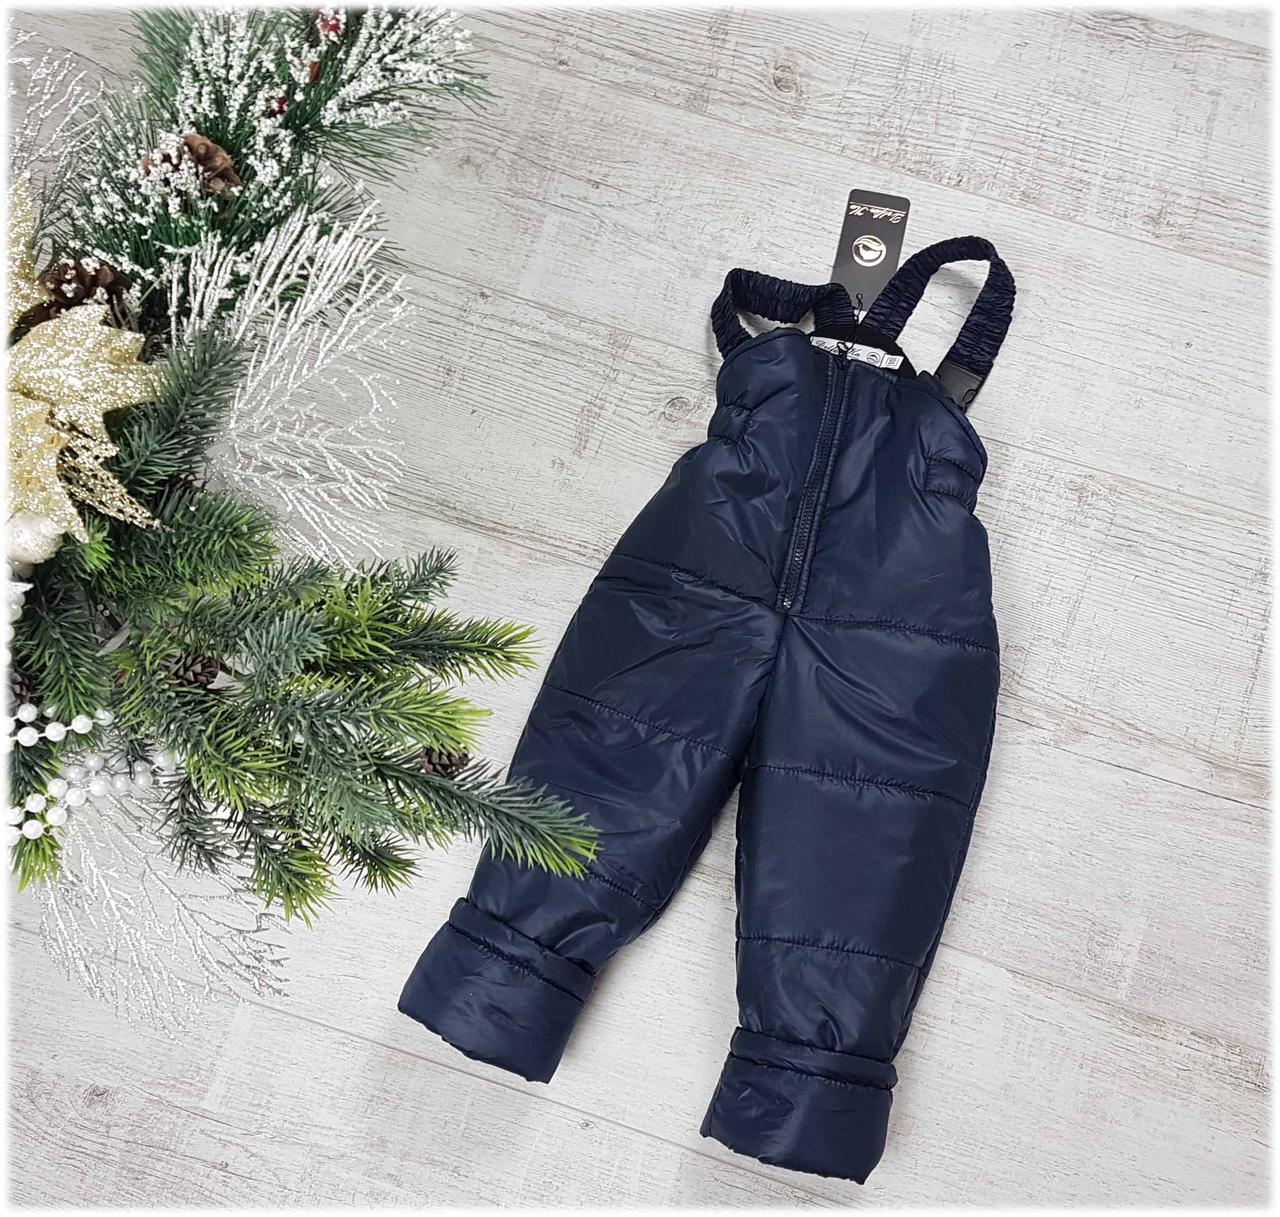 Зимние штаны комбинезоном 558 на 100%, размеры 80 до 98, фото 1